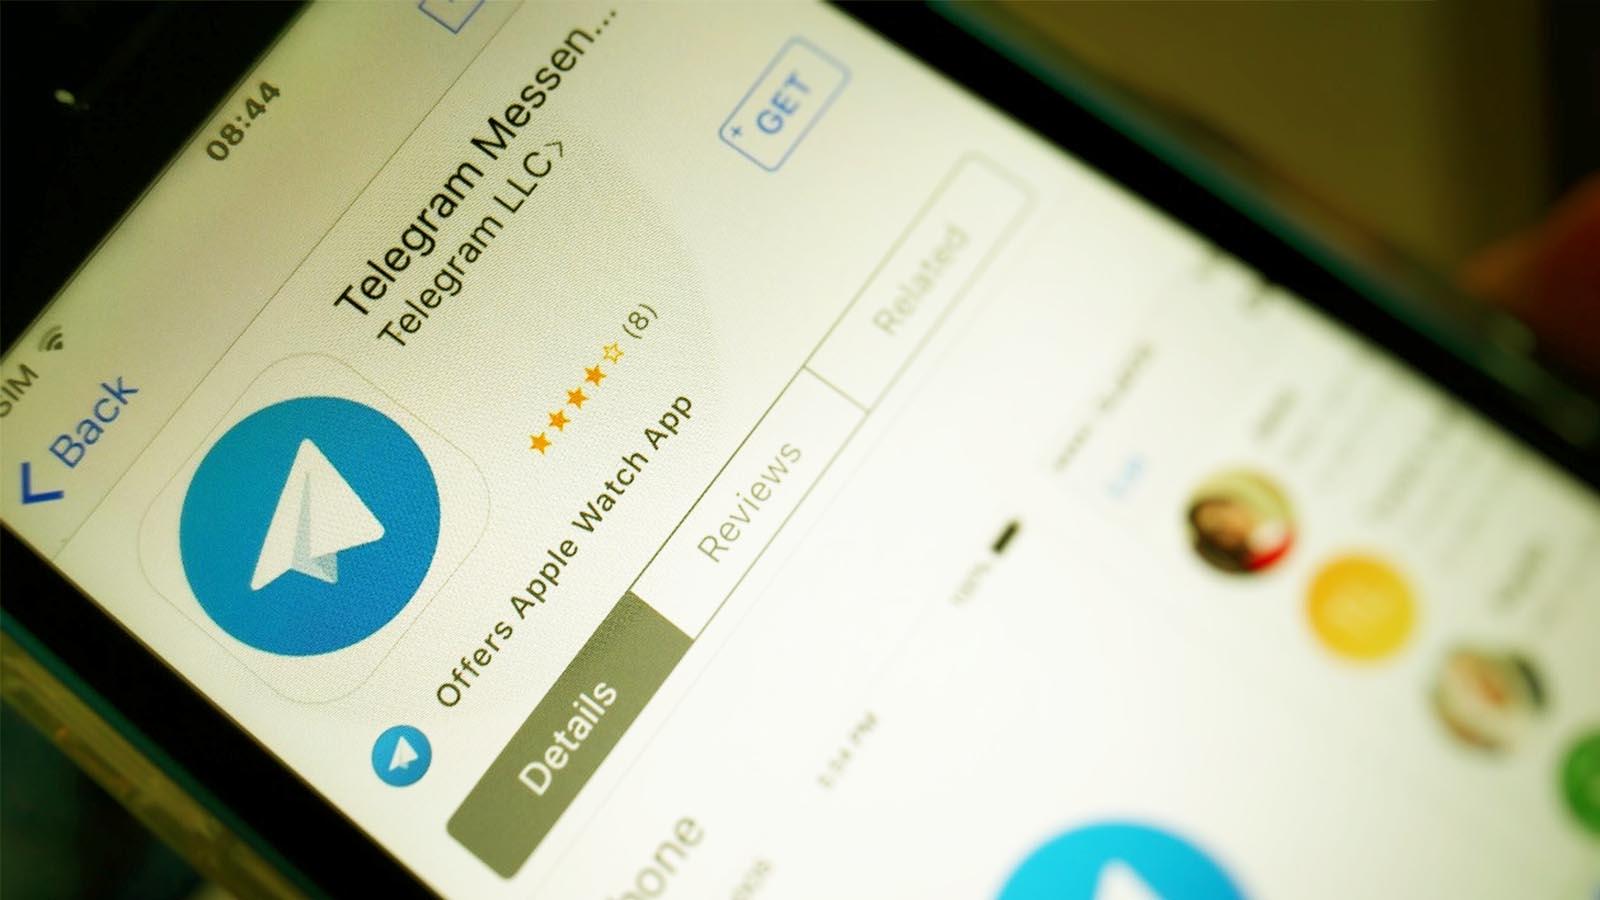 تلگرام و بلاکچین، هیجانانگیزتر از چیزی که فکر میکنیم!